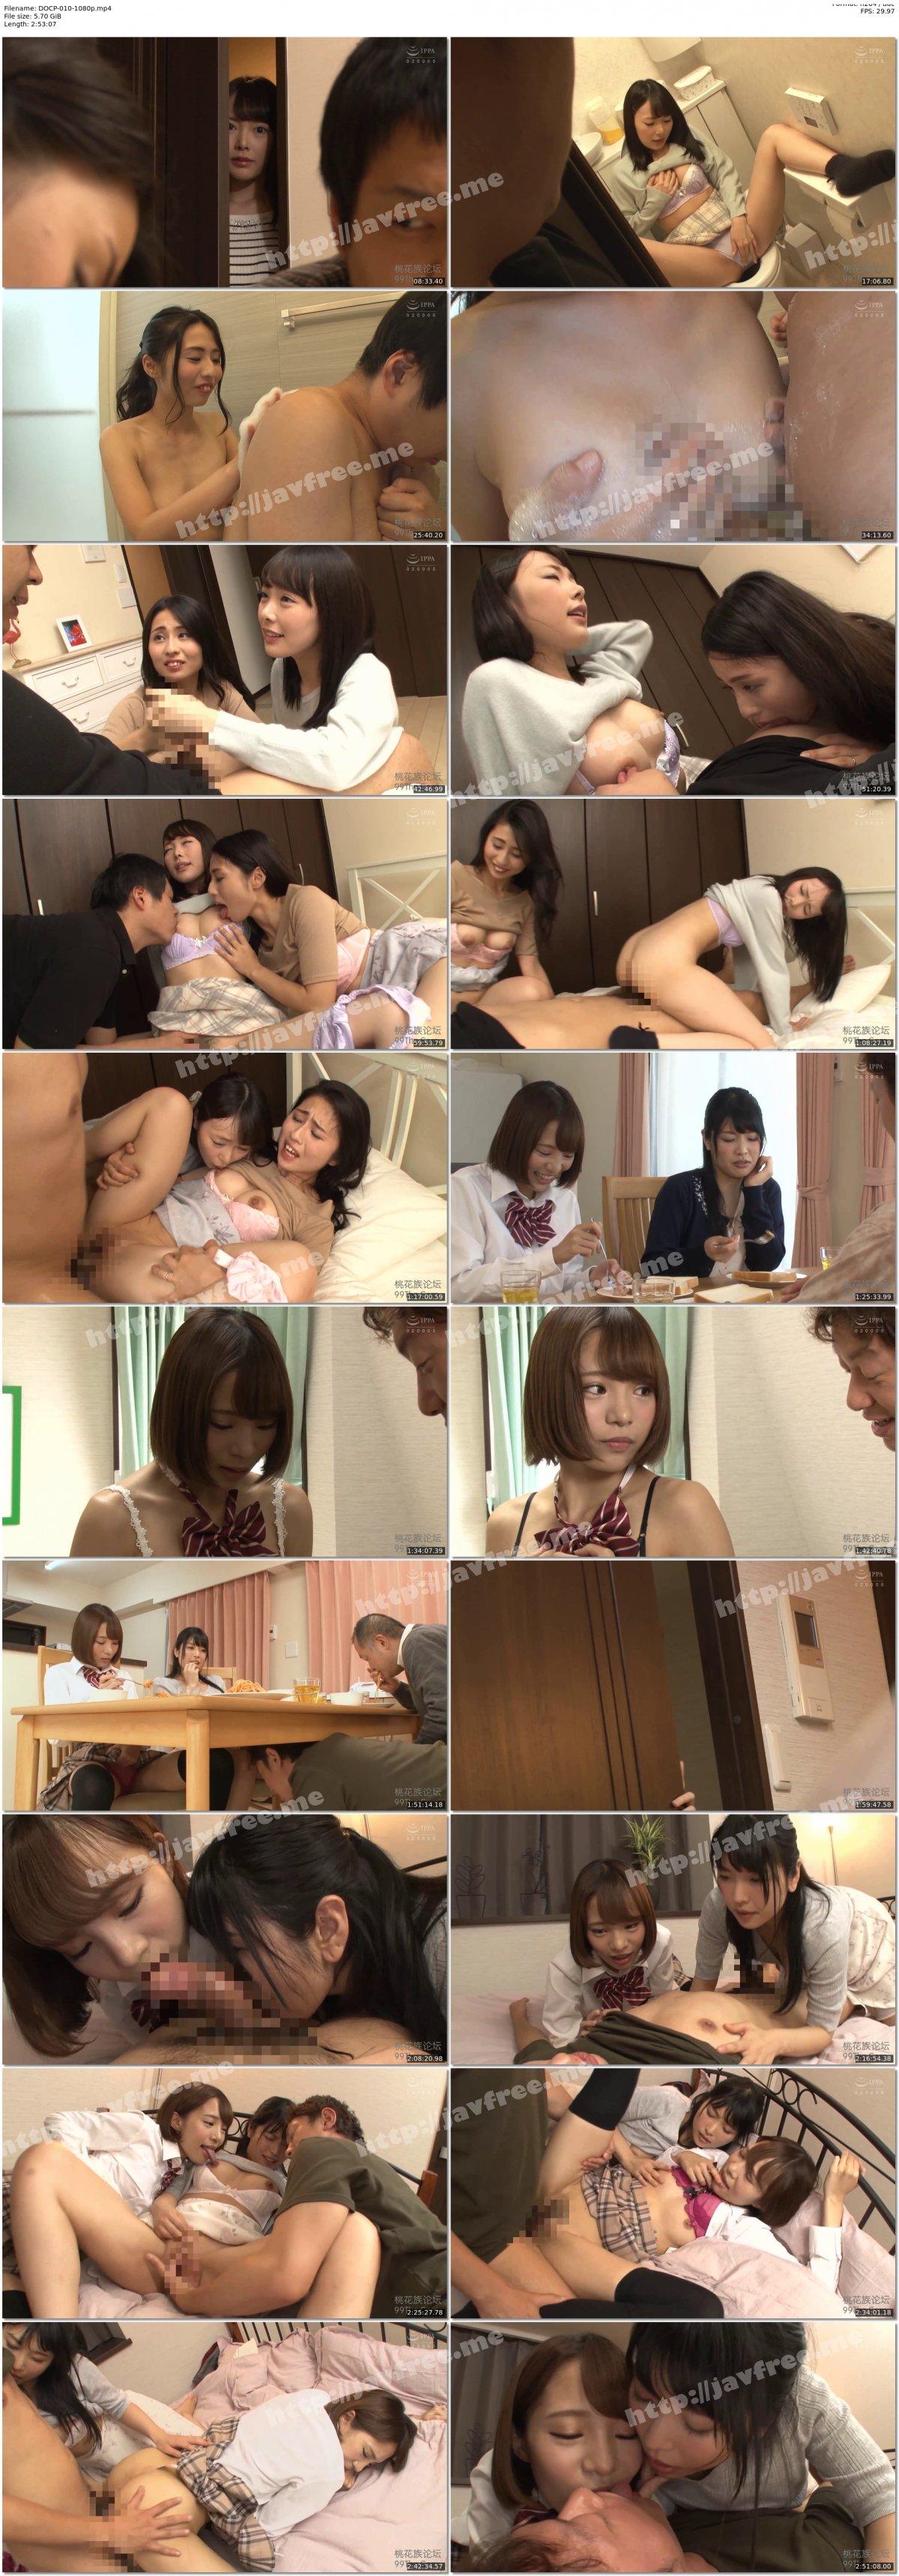 [HD][DOCP-010] 父が再婚した相手は毎日オナニーするほど性欲旺盛な母・娘 僕が童貞だと知った日から連日のように母娘で僕を誘惑し身体を絡めて何度も… - image DOCP-010-1080p on https://javfree.me